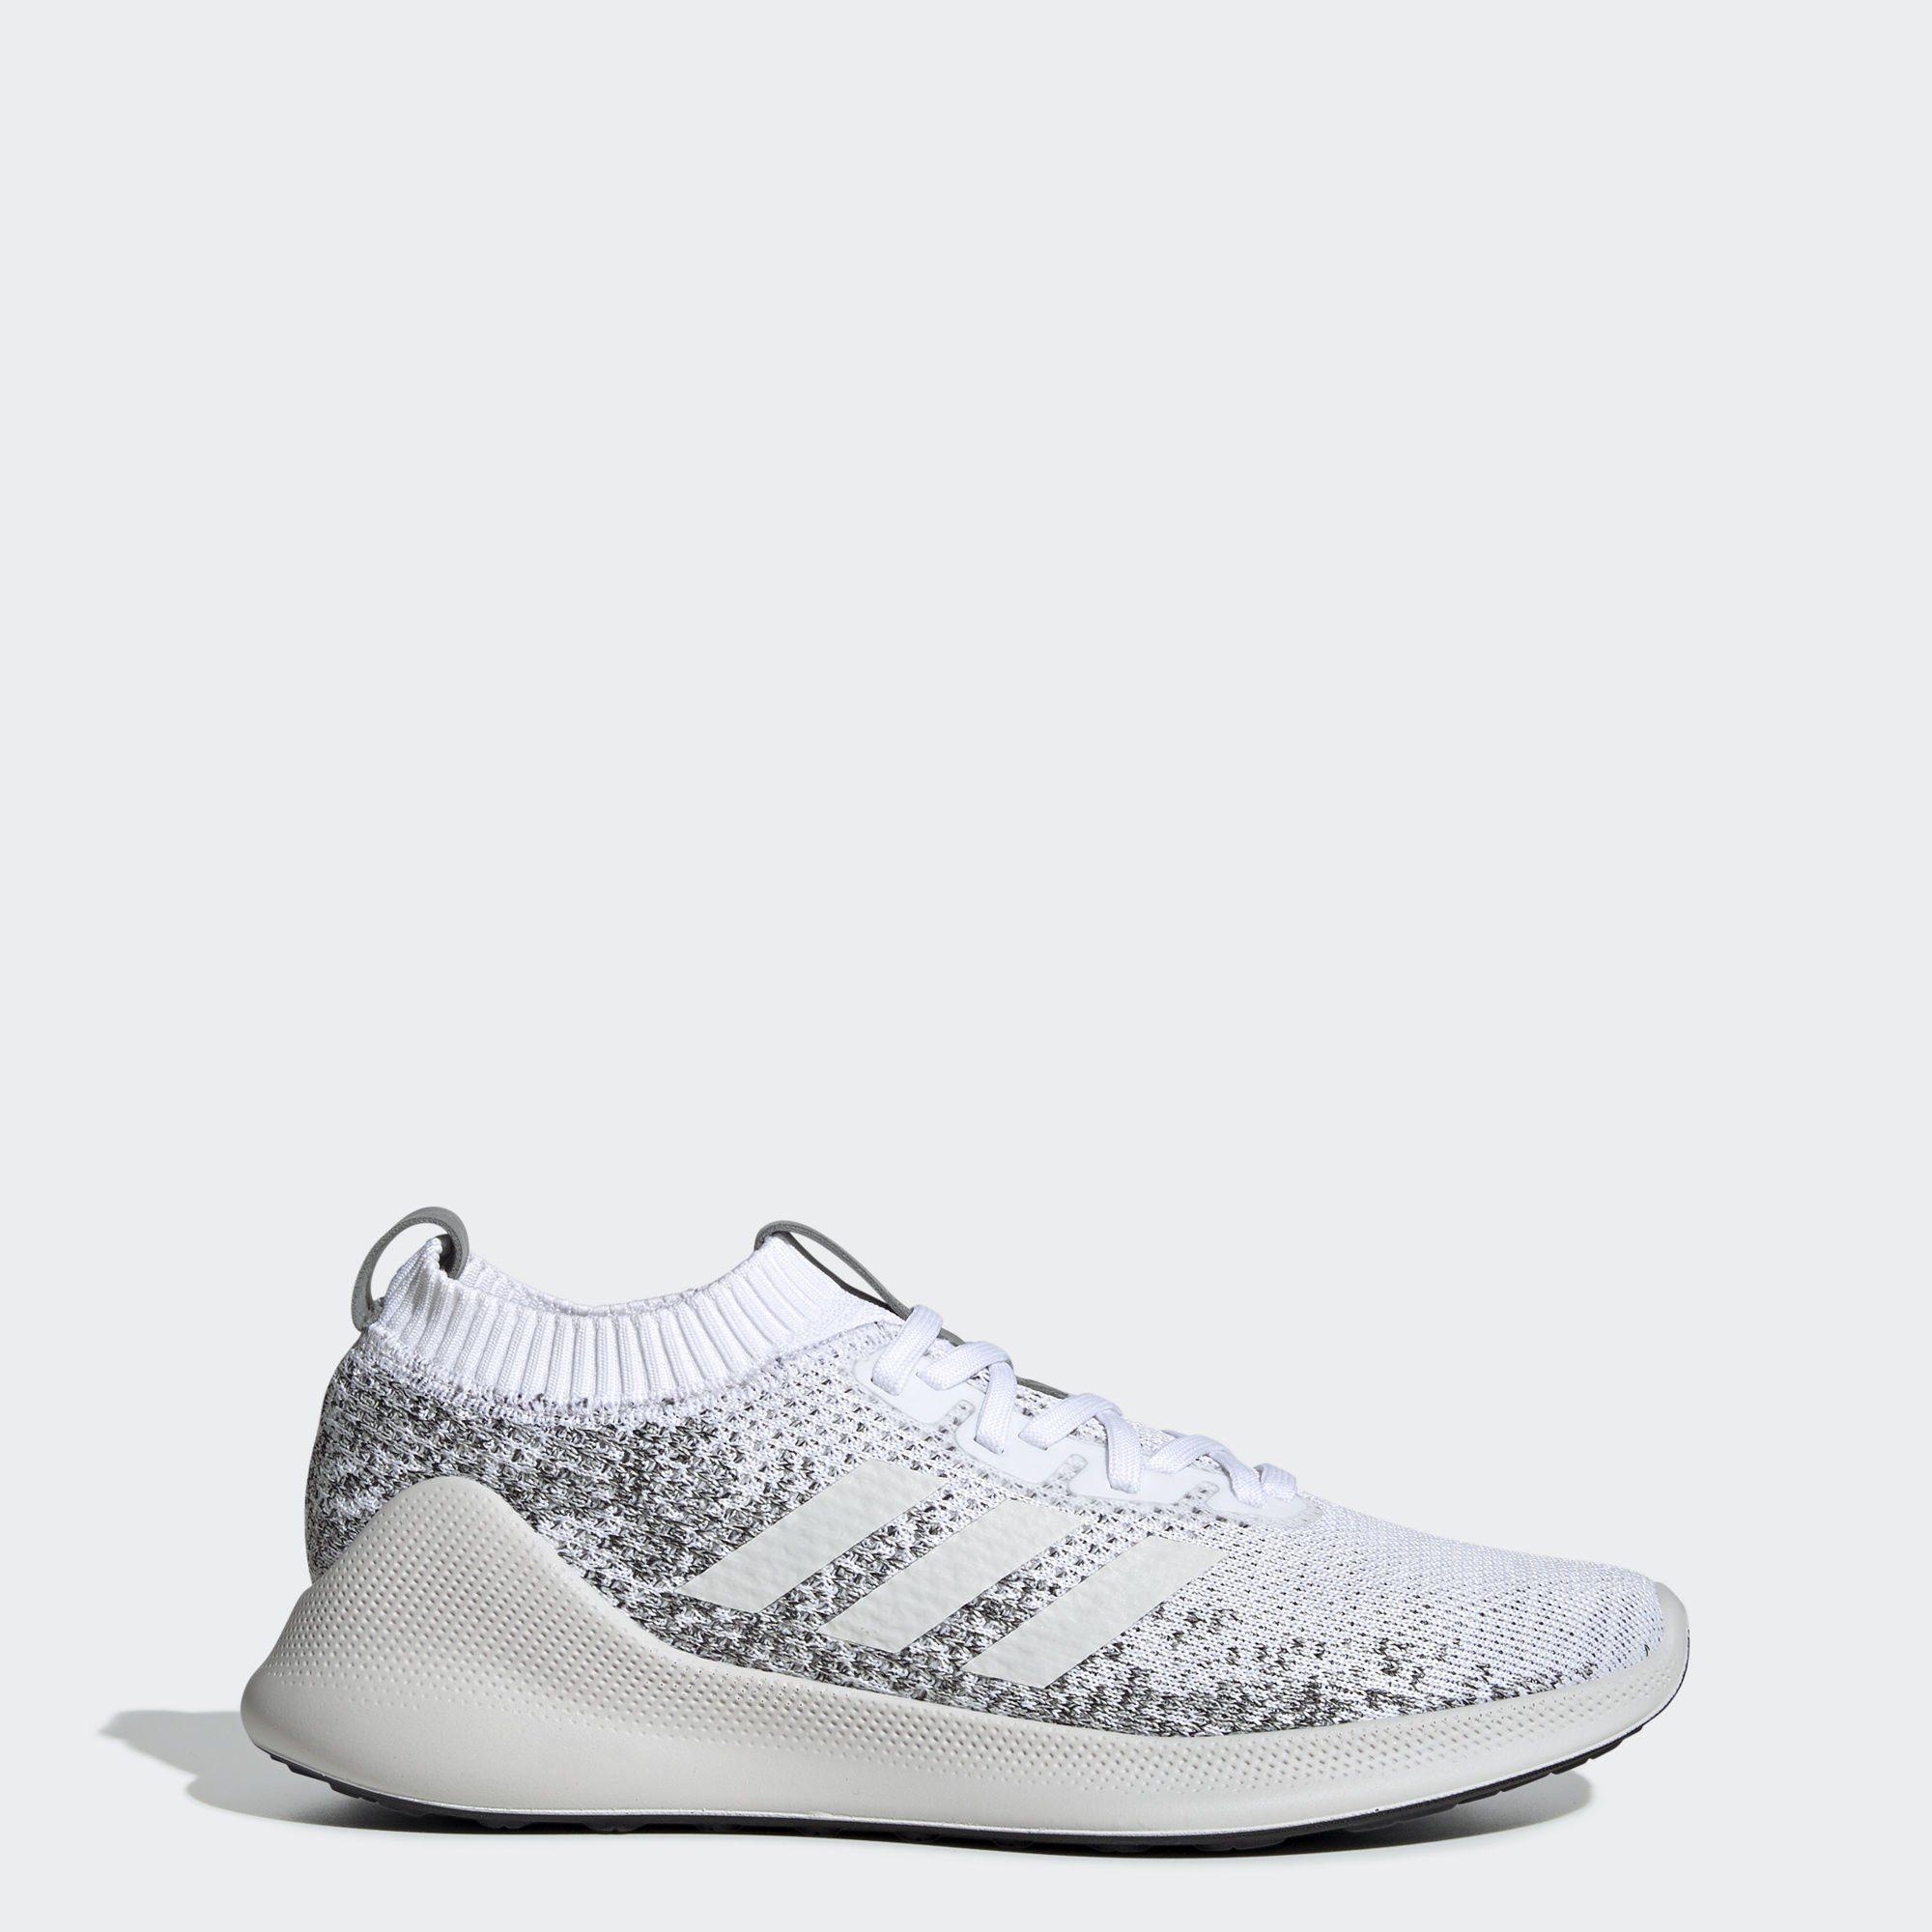 Adidas Performance PureBOUNCE+ Schuh Laufschuh   OTTO Reichhaltige pünktliche Lieferung